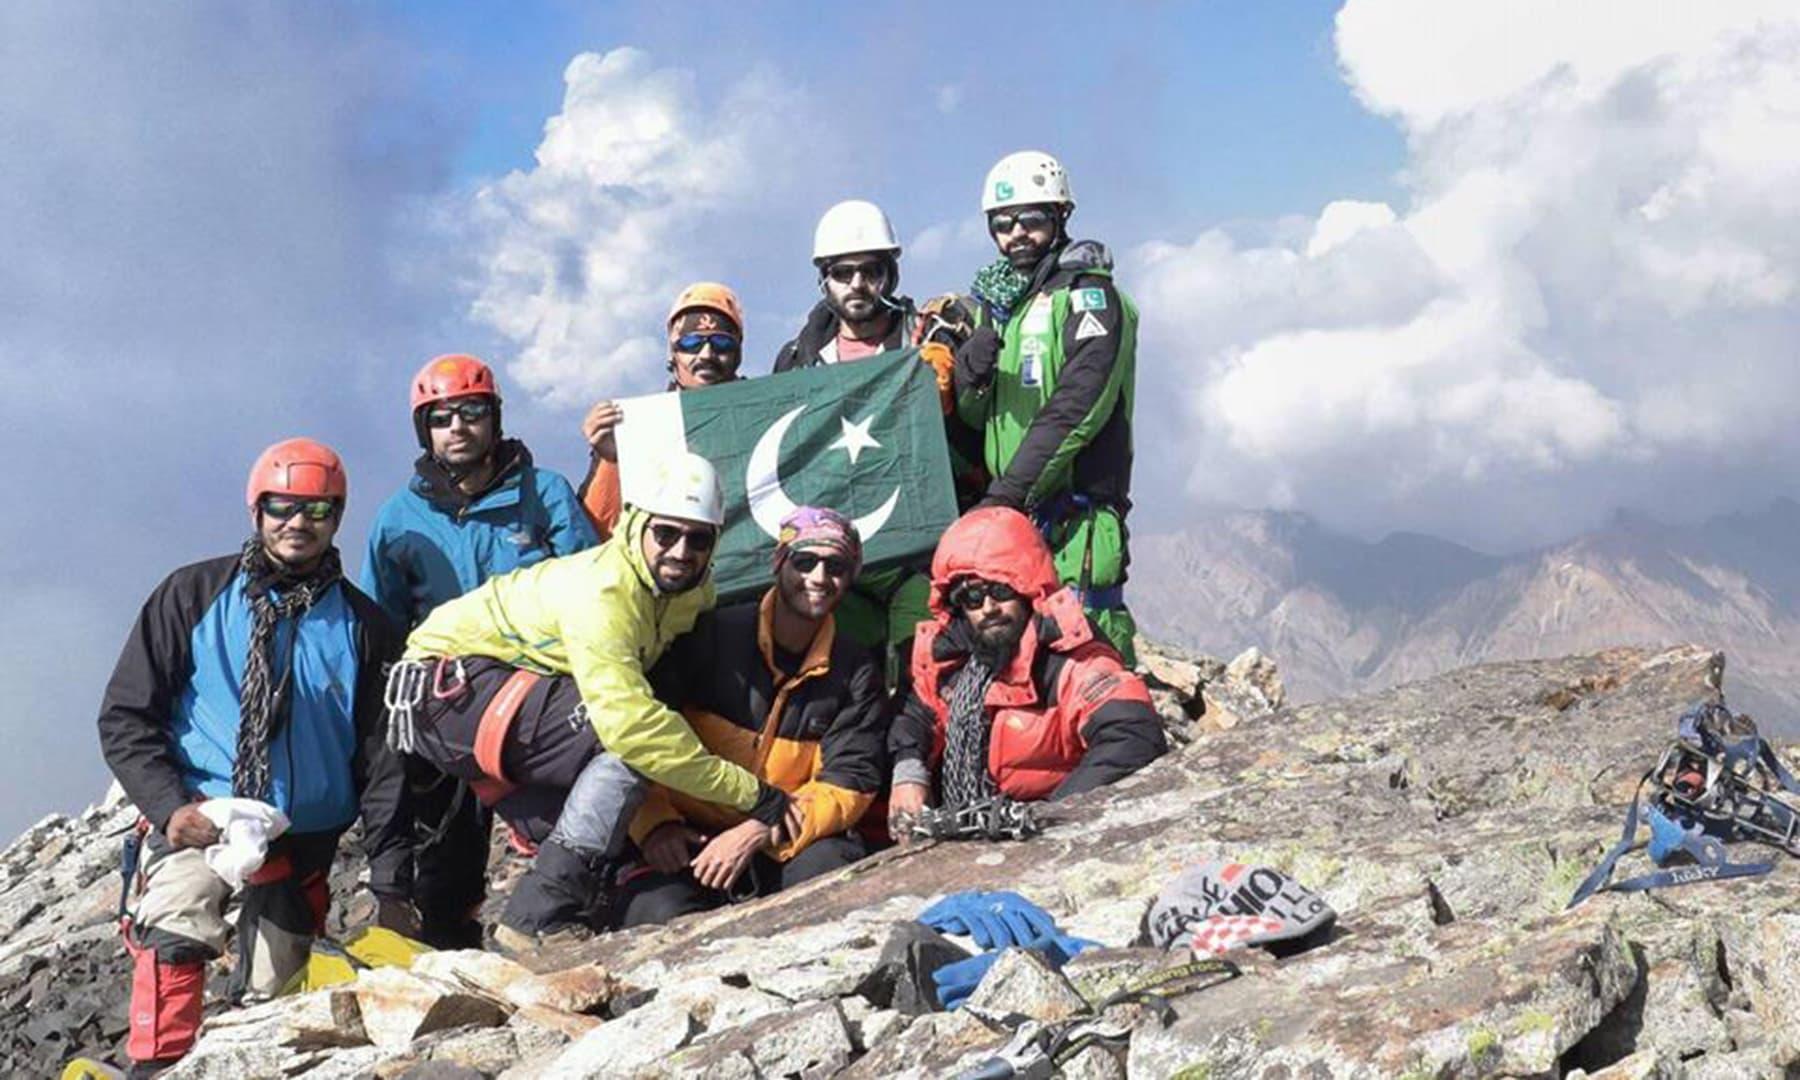 ملکہ پربت کو 2018ء میں سر کرنے والی 8 پاکستانی کوہِ پیماوں کی ٹیم—فائل فوٹو